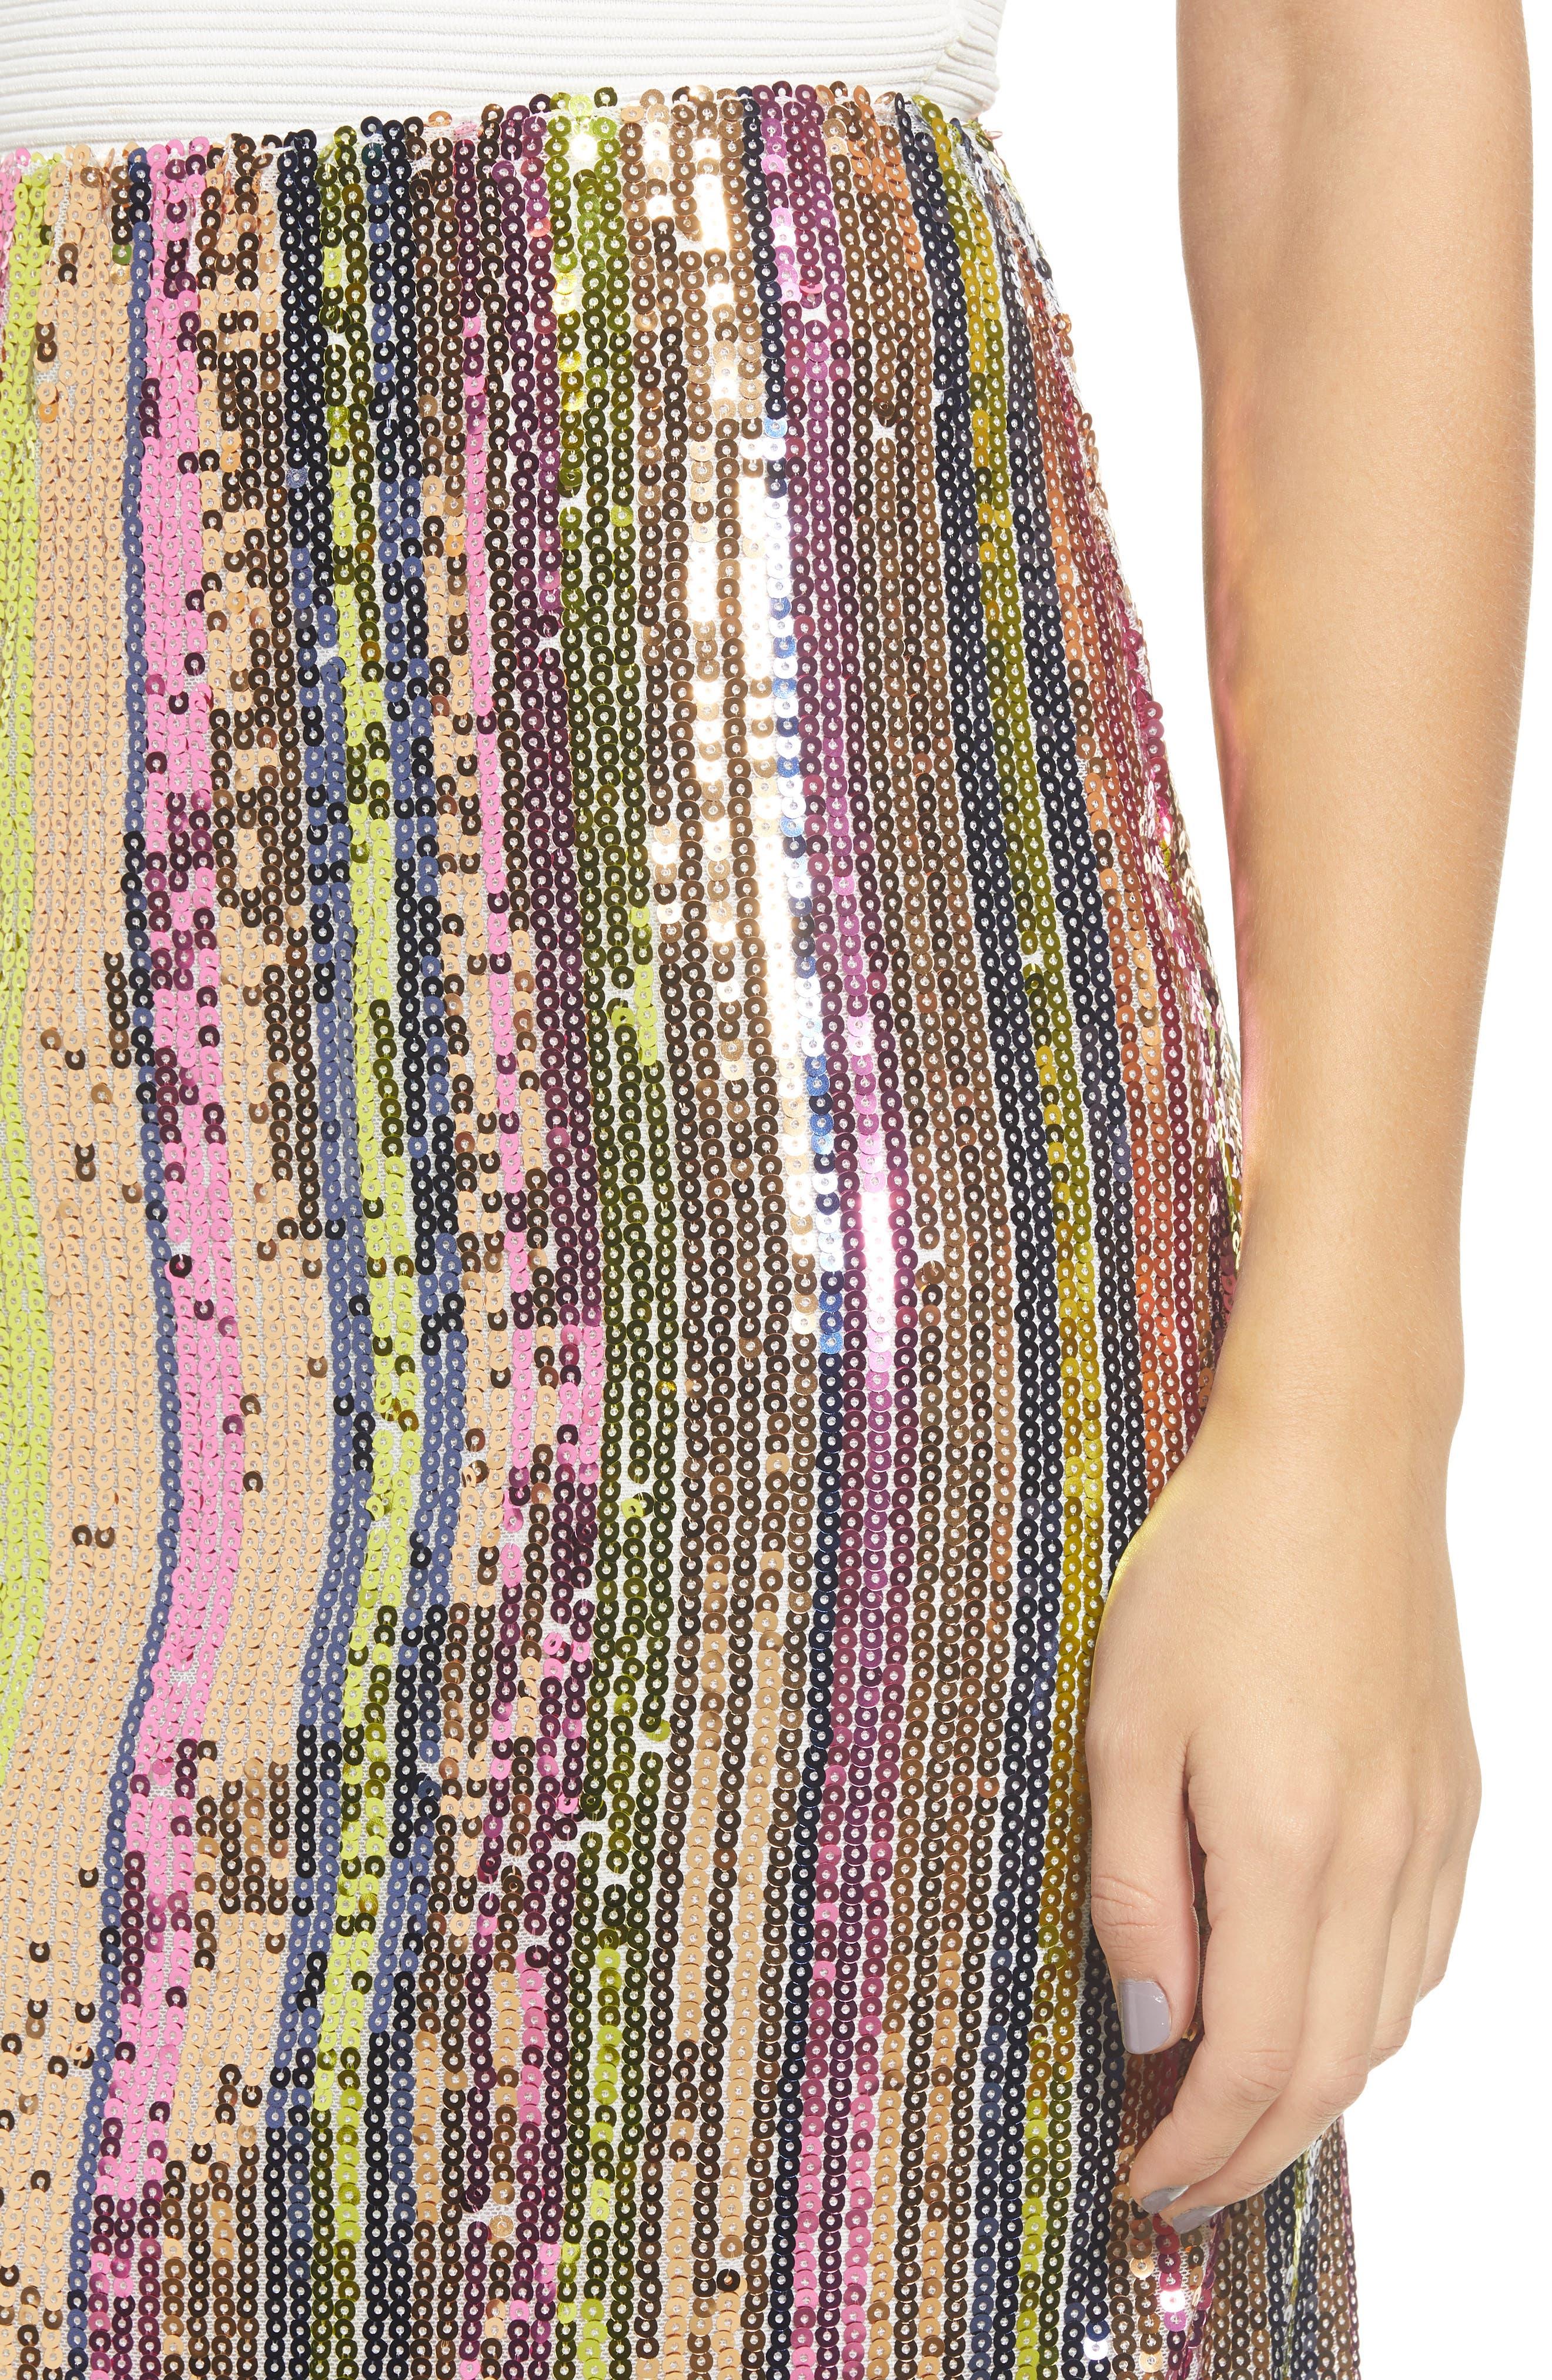 Rainbow Sequin Midi Skirt,                             Alternate thumbnail 3, color,                             PURPLE MAGENTA MULTI